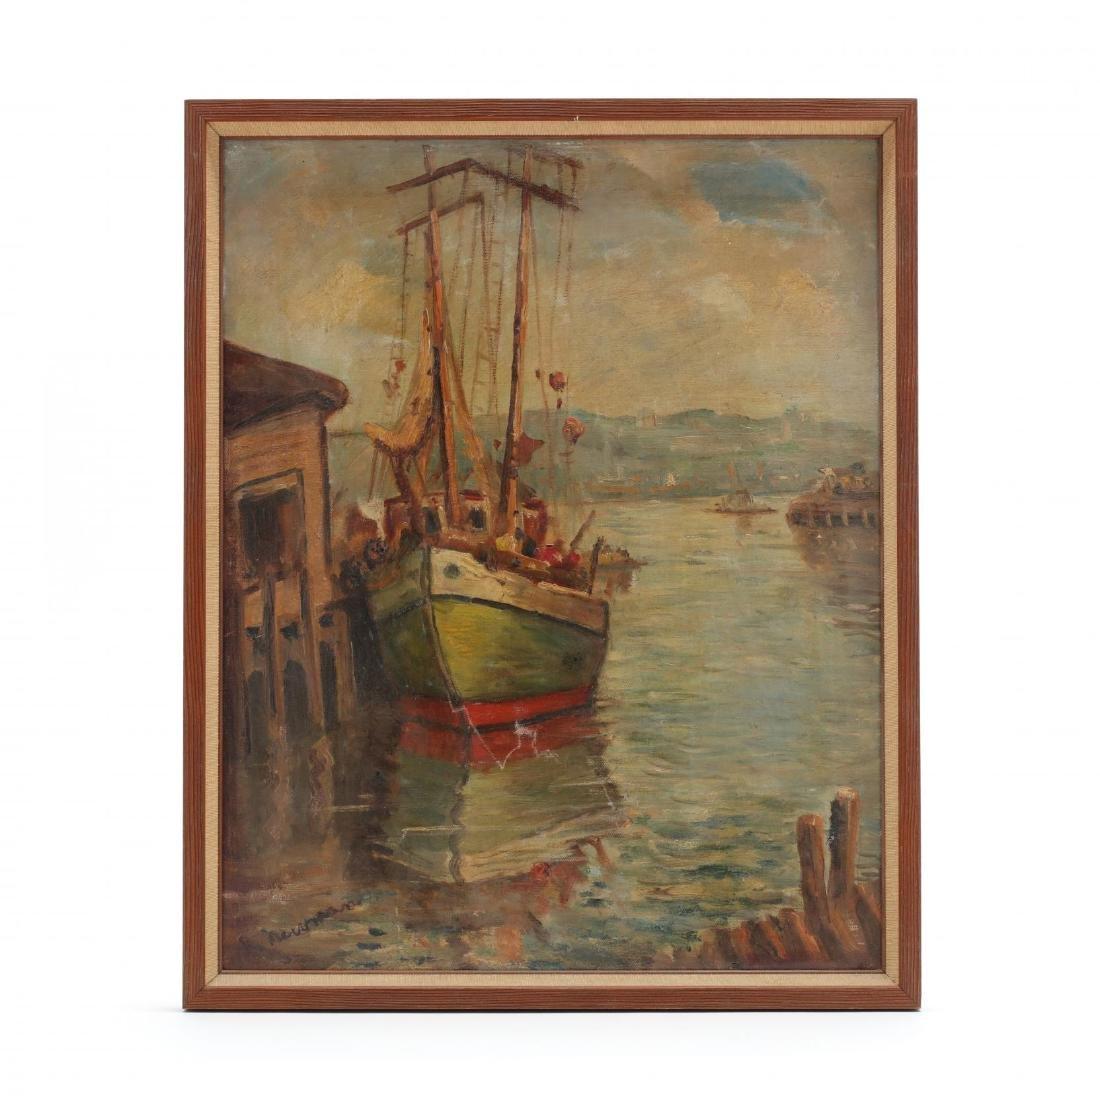 Robert Von Neuman (Germany/WI, 1888-1976), Harbor on